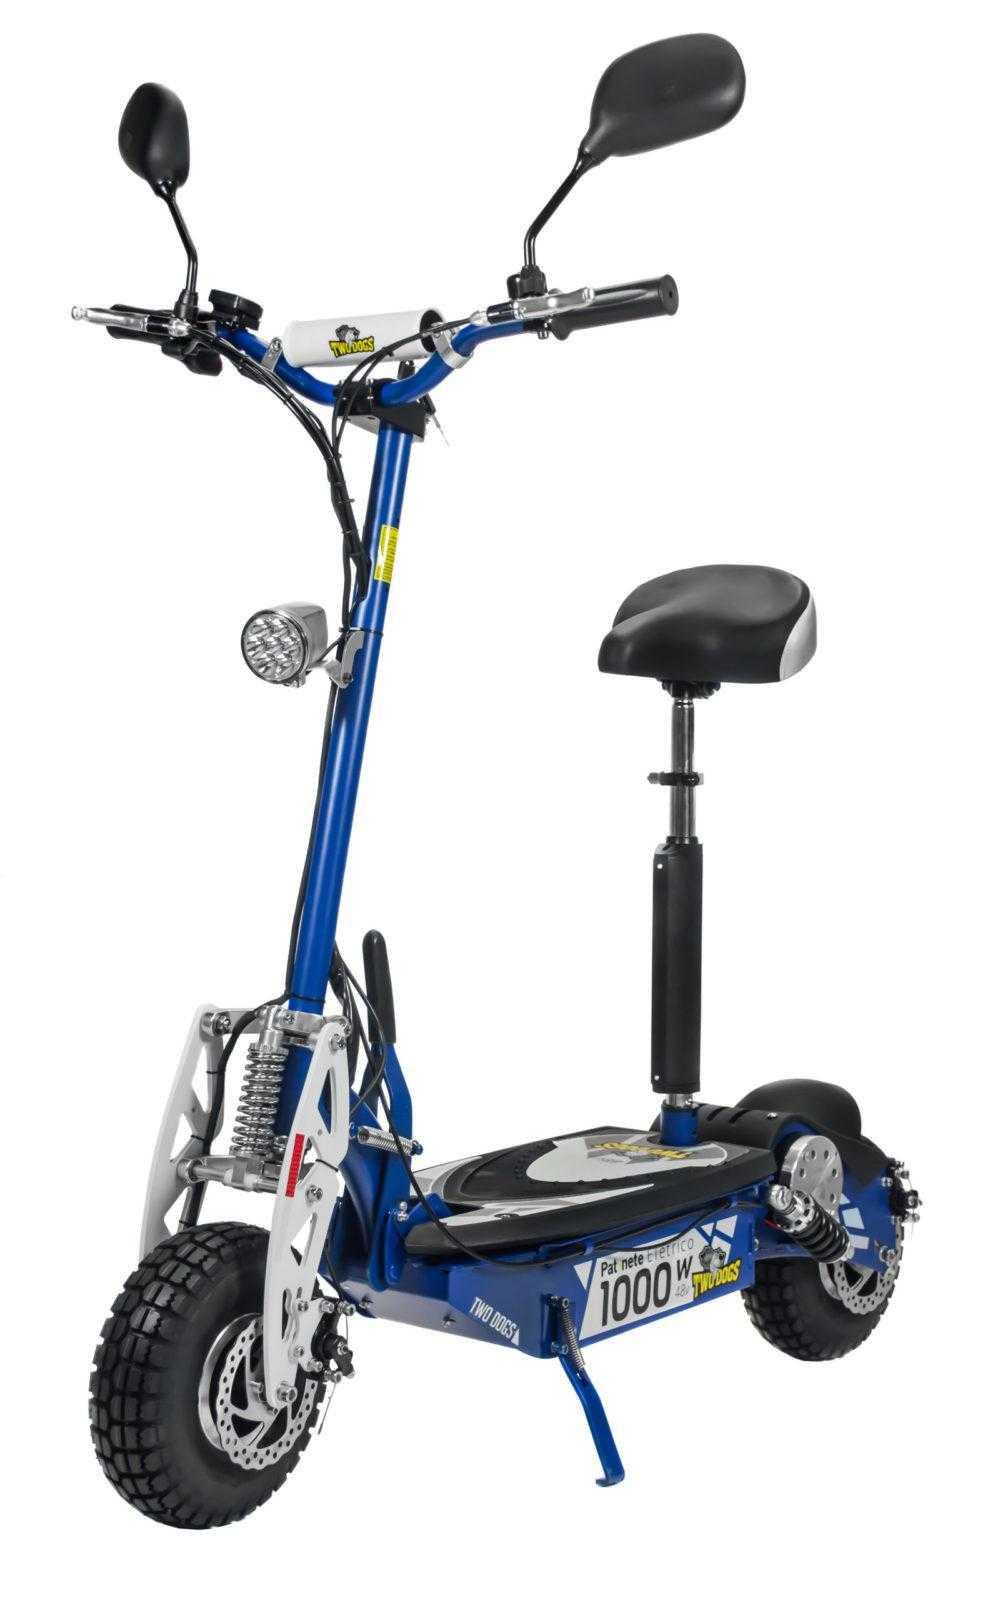 1000w 48v - BLUE